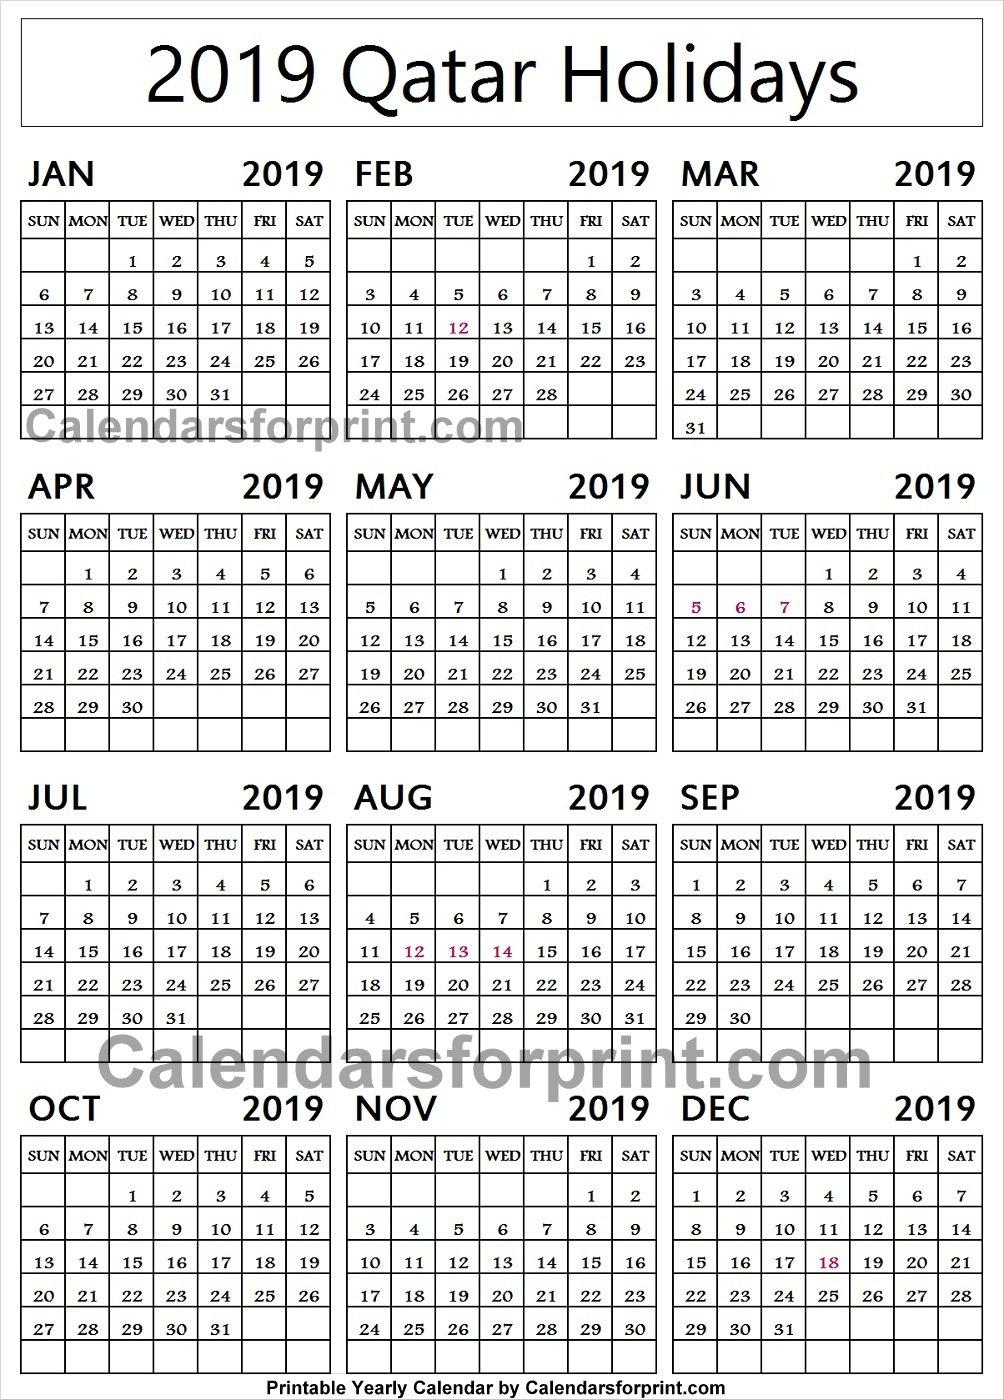 Qatar 2019 Calendar With Holidays Calendar | 2019 Qatar Calendar Calendar 2019 Qatar